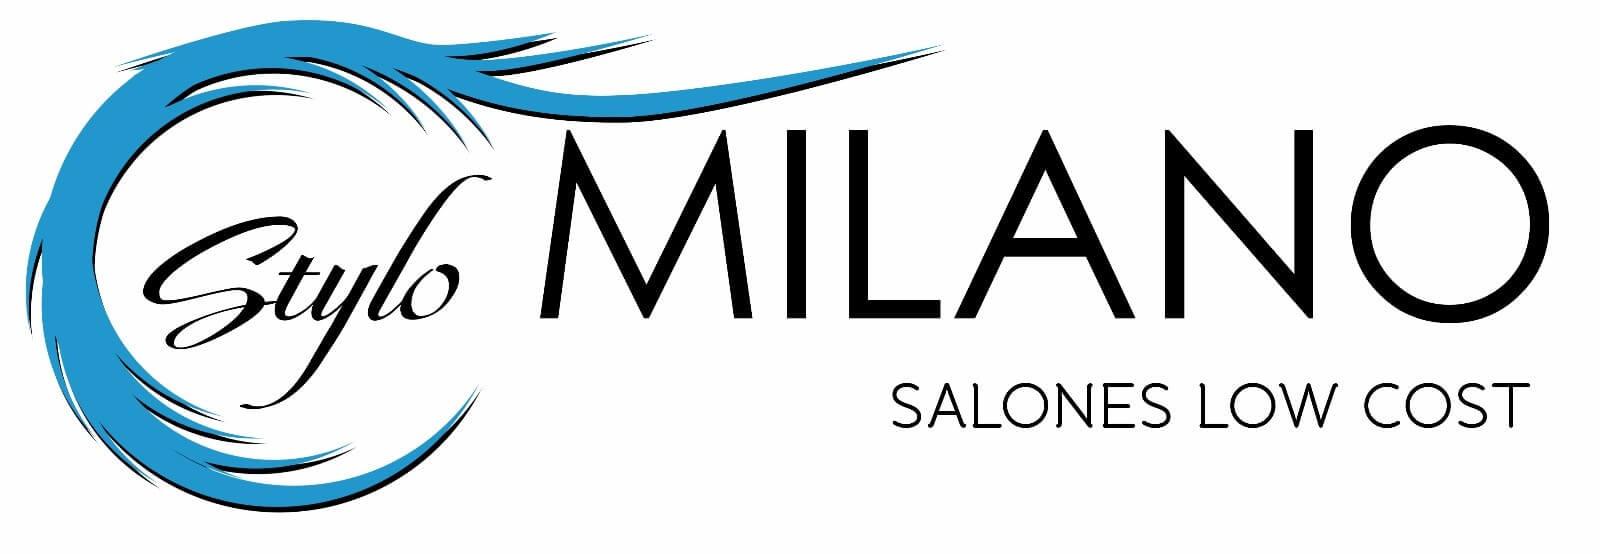 Logo Stylo Milano